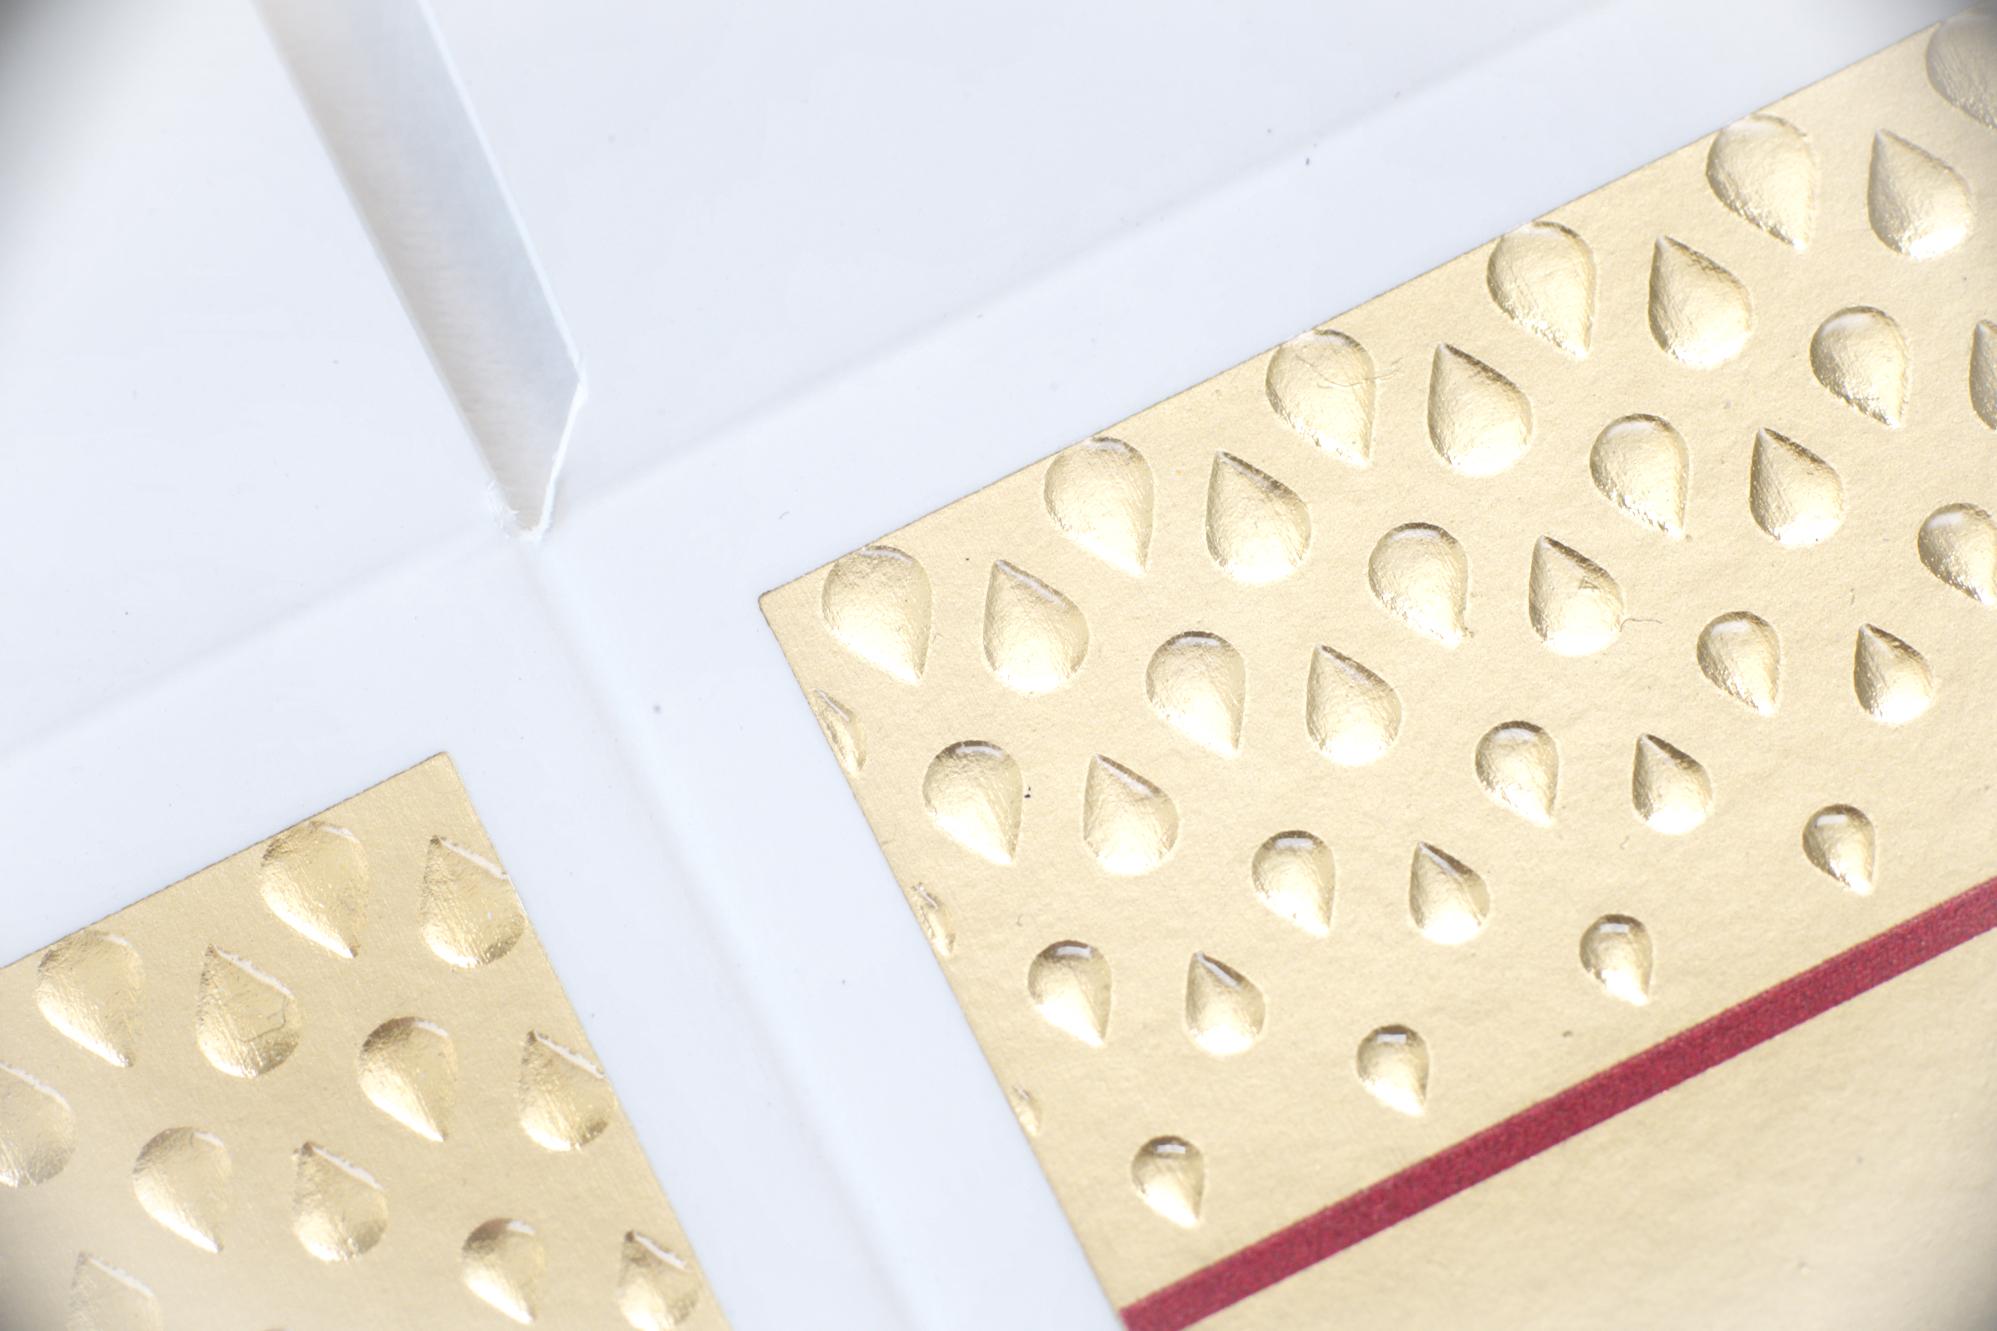 Blindprägung und Siebdruck © Atelier Haase - Foto: Katharina Hansen-Gluschitz